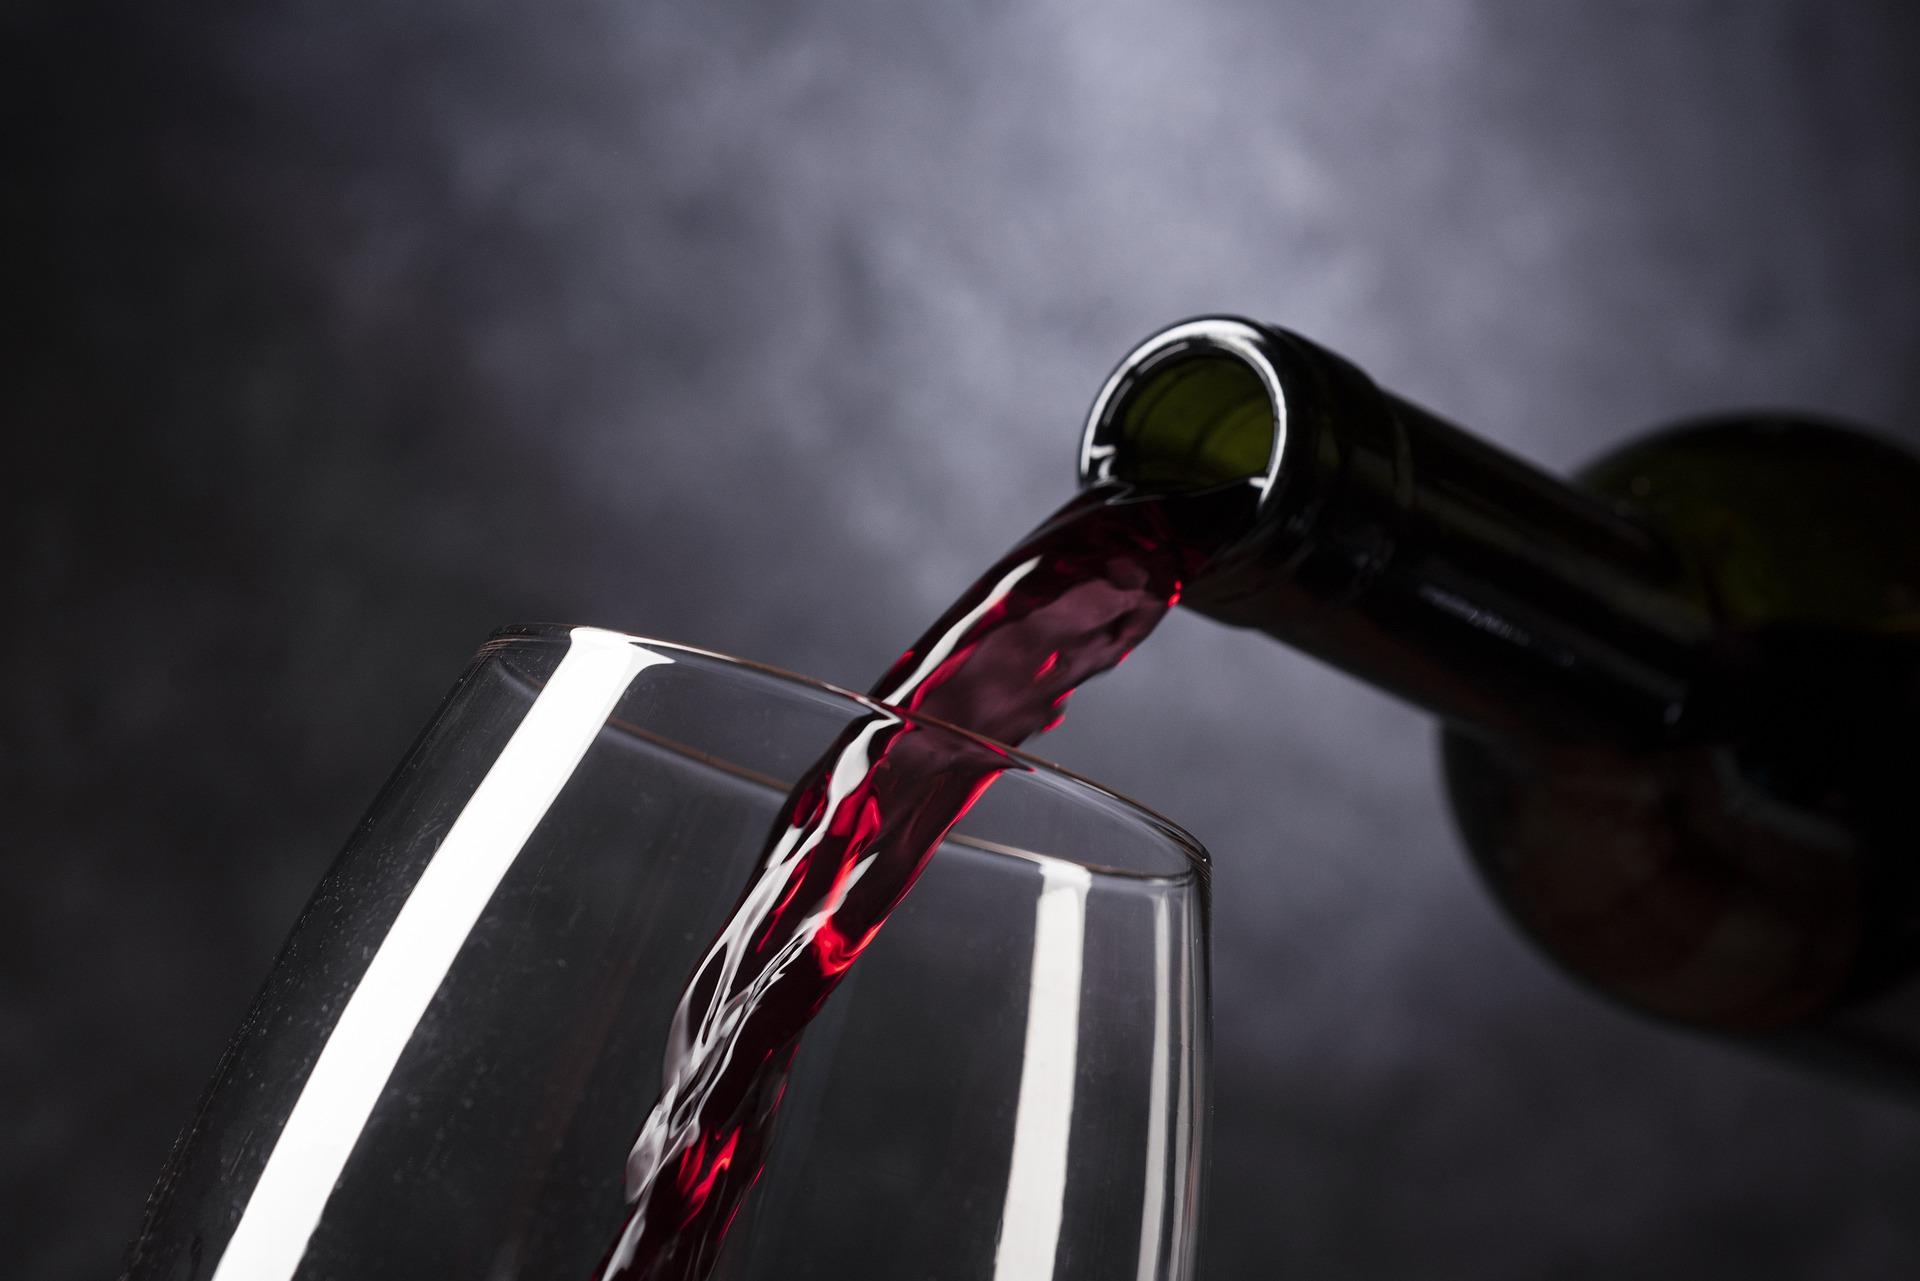 Pořiďte si chytré elektrické vývrtky a provzdušňovače na víno, ušetří vám čas